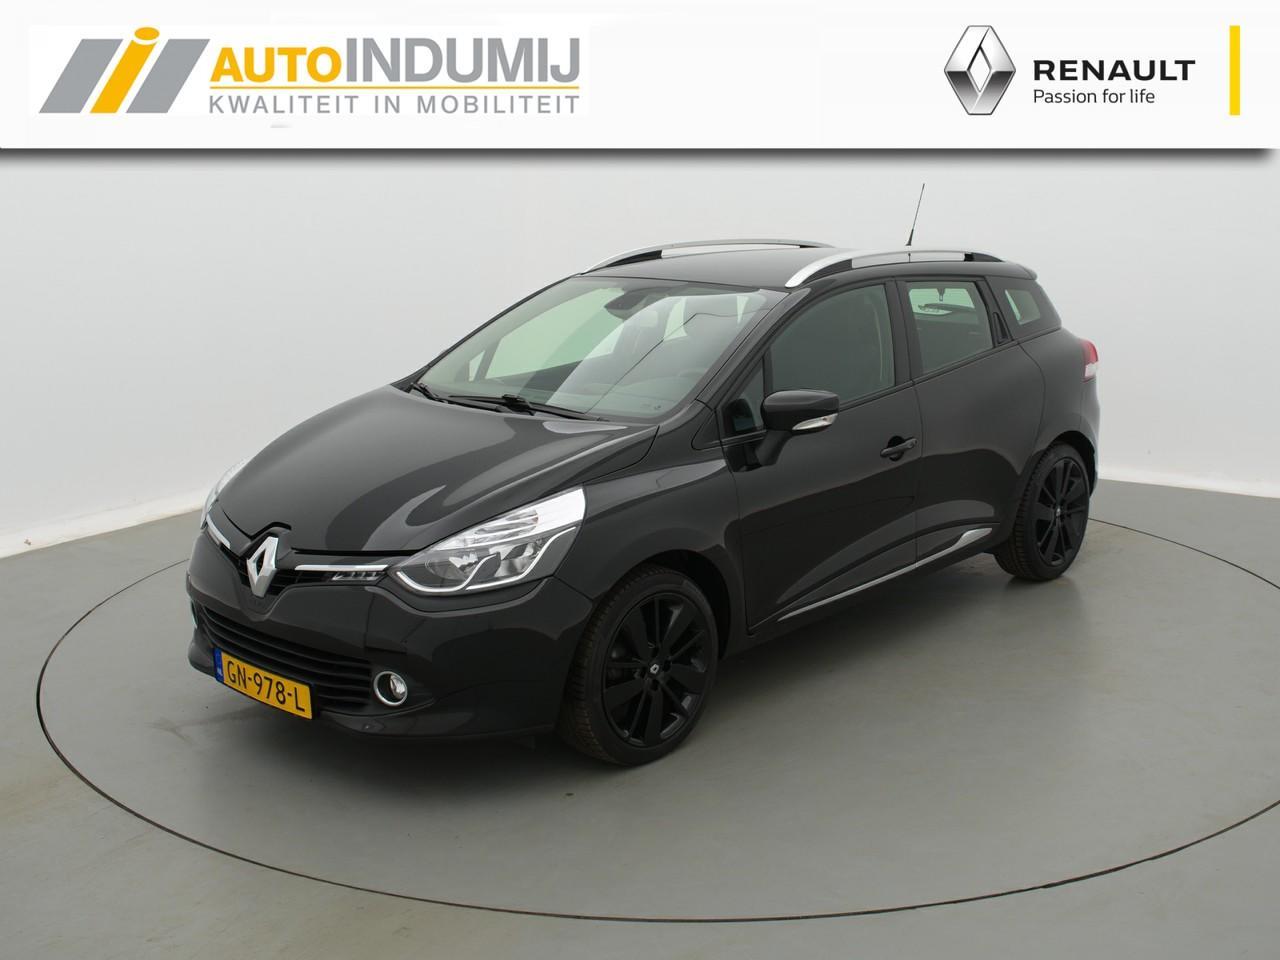 Renault Clio Estate 0.9 tce dynamique sport ed. / navigatie / climate control / cruise control / pdc